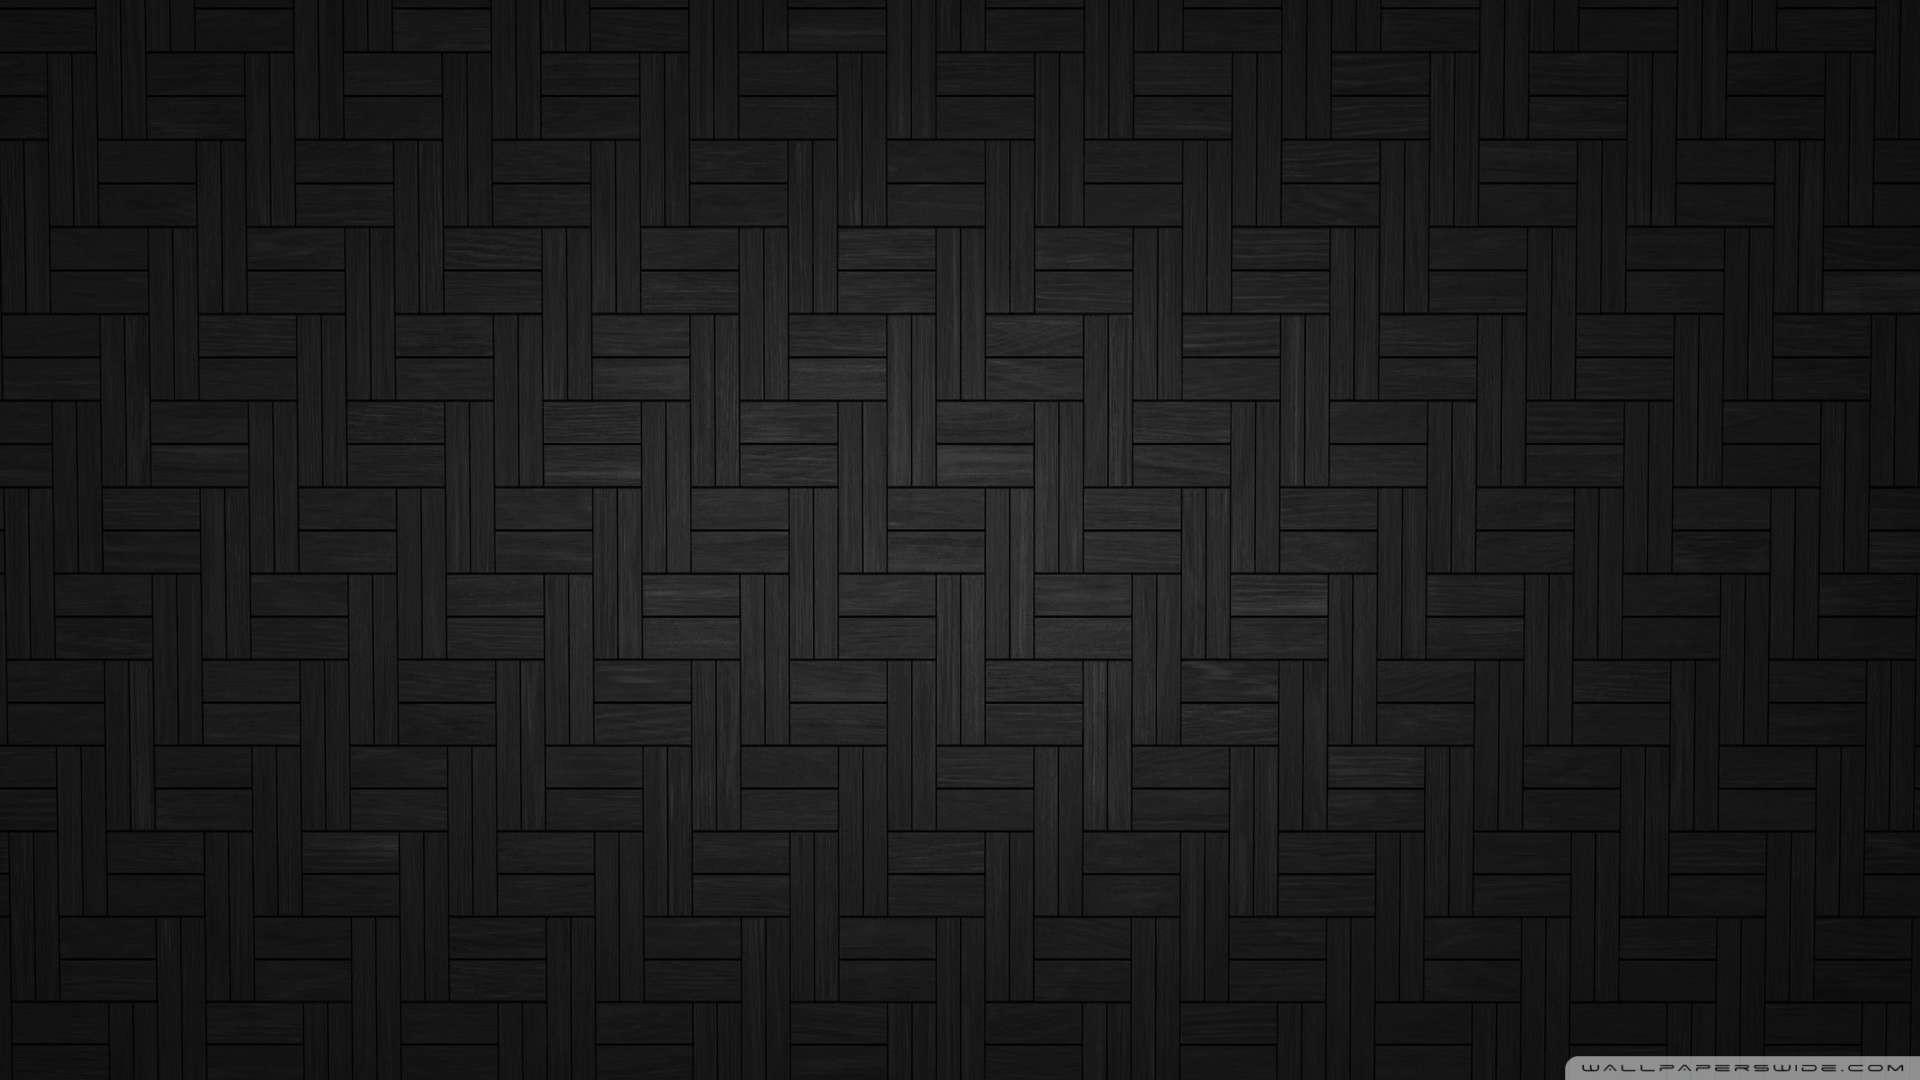 Hình nền đen họa tiết nan đan cực đẹp